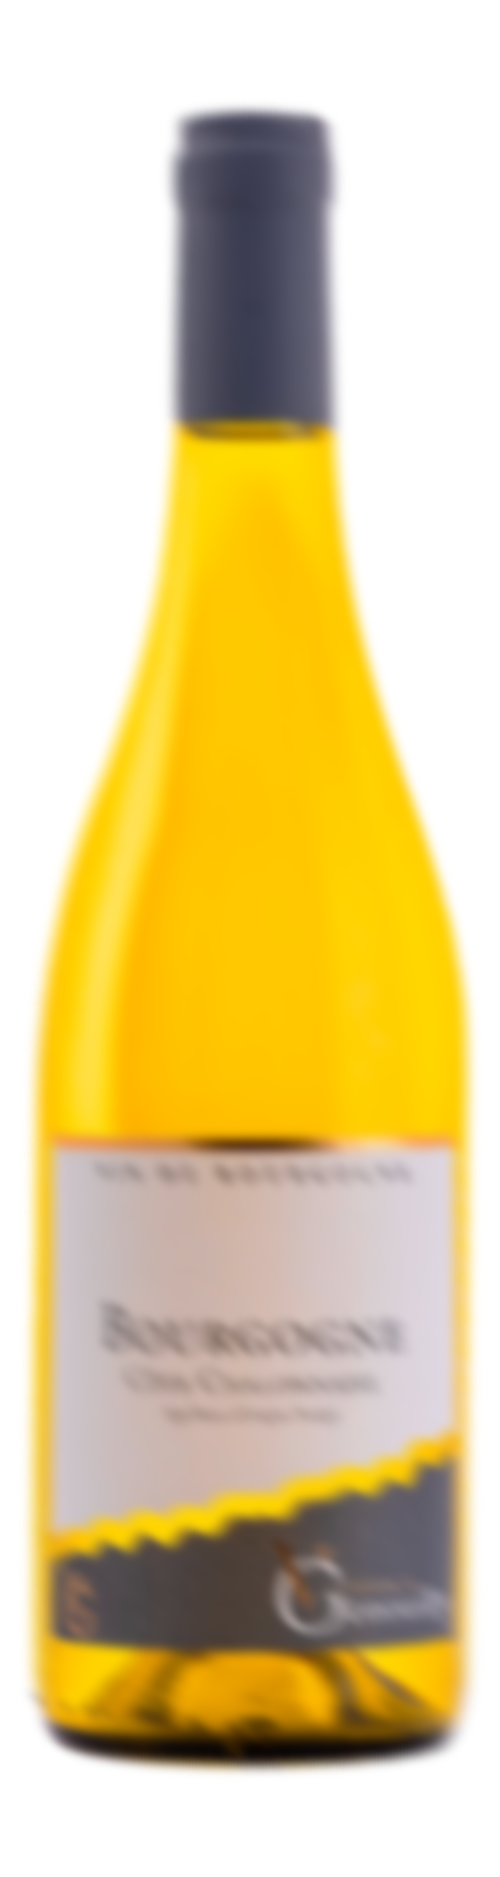 Domaine de Genouilly - Vins de Bourgogne Blanc